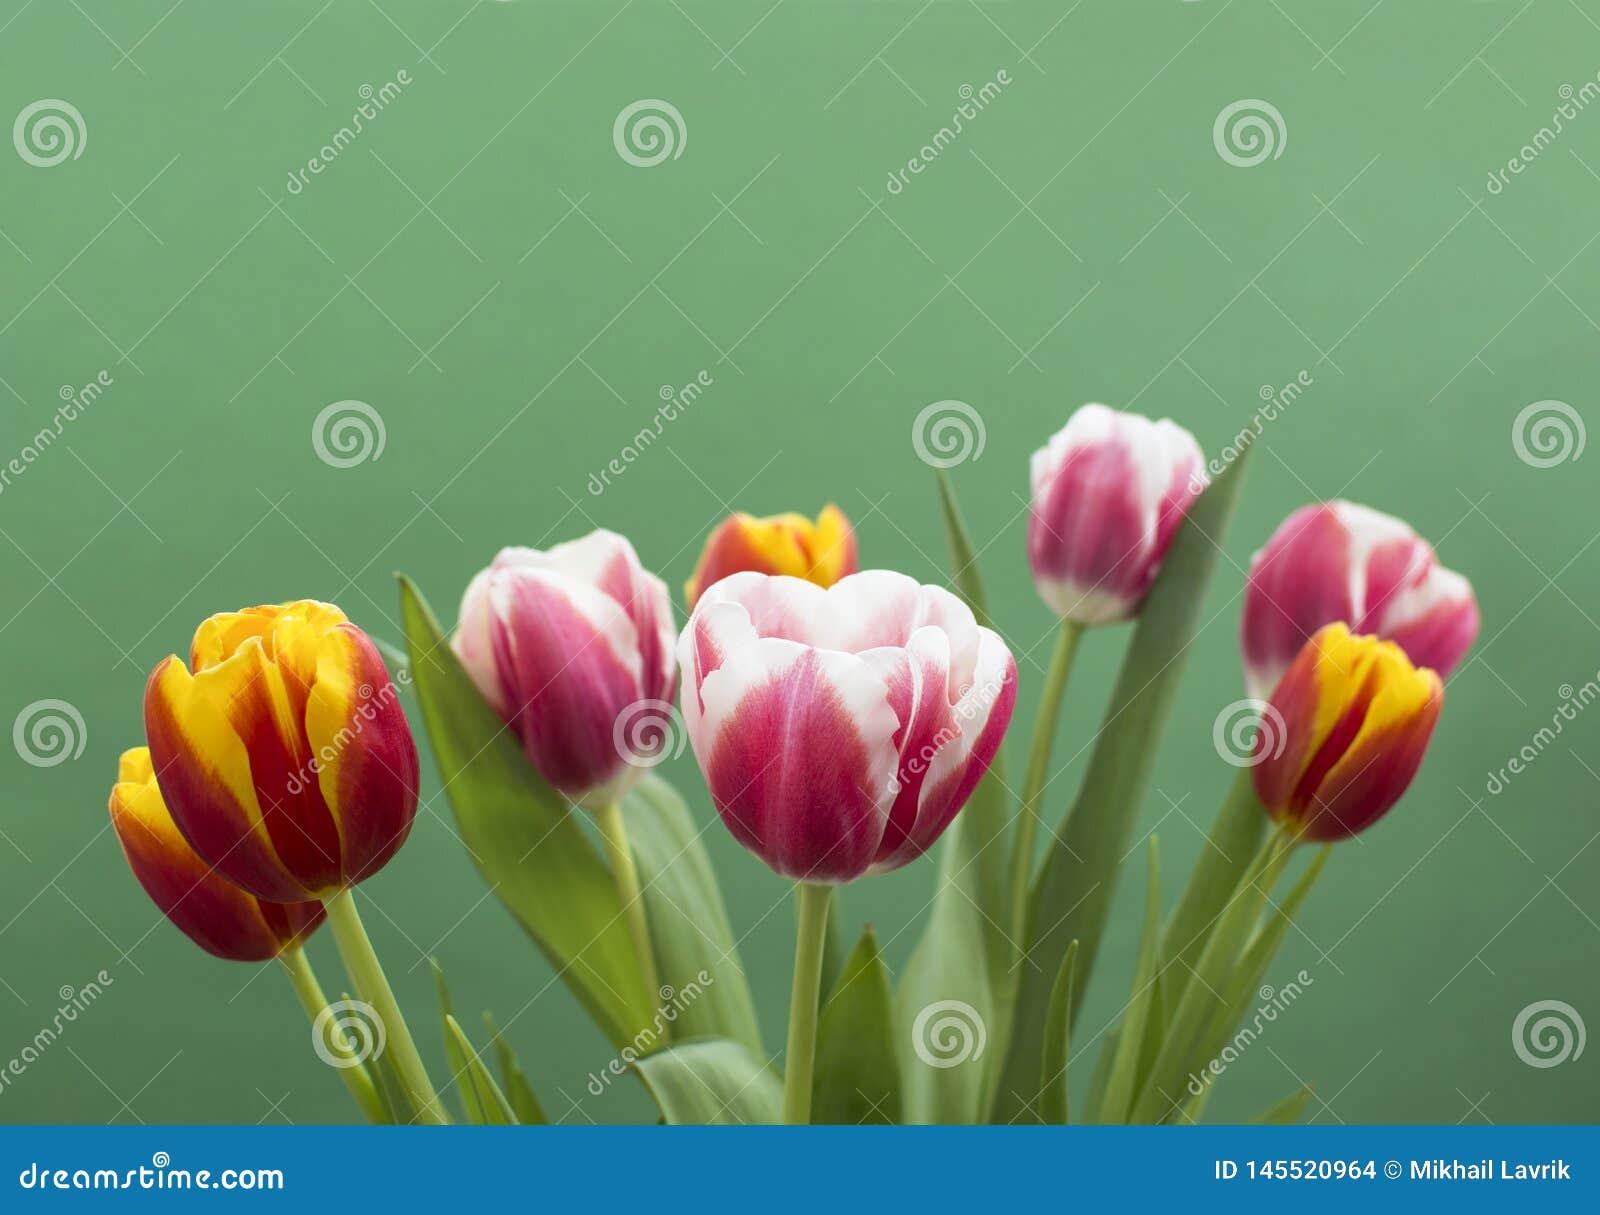 Сладкие тюльпаны на зеленой предпосылке